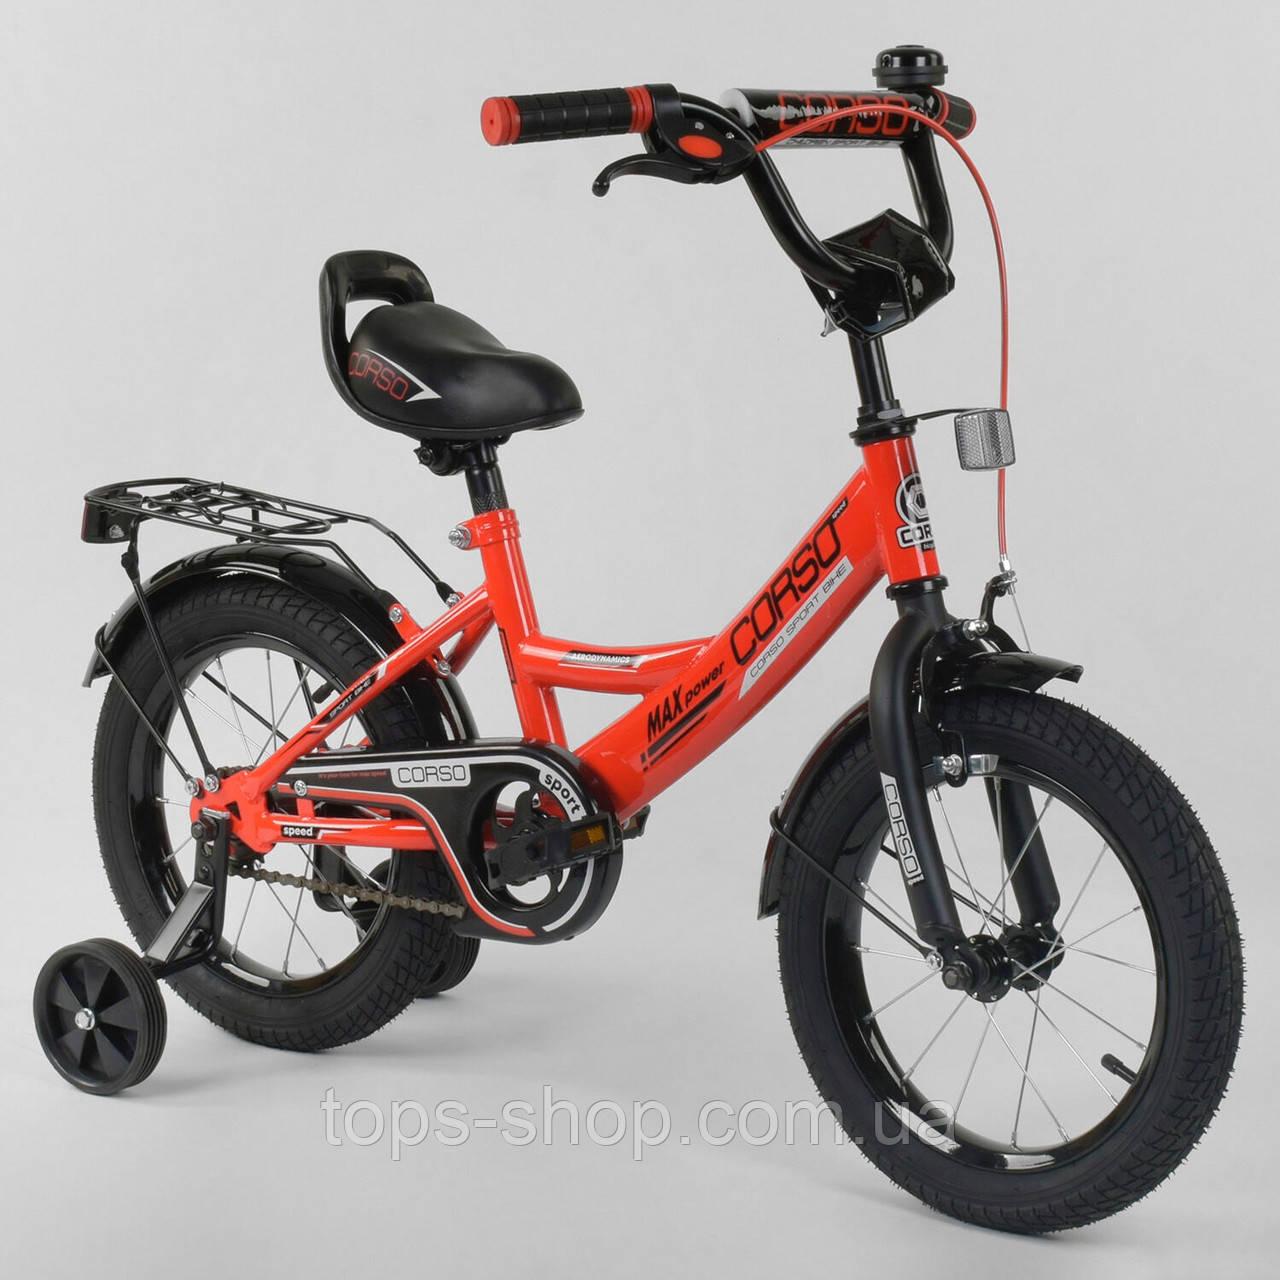 """Велосипед 12"""" дюймів 2-х колісний """"CORSO"""" Червоний, ручного гальма, дзвіночок, сидіння з ручкою, доп. колеса"""